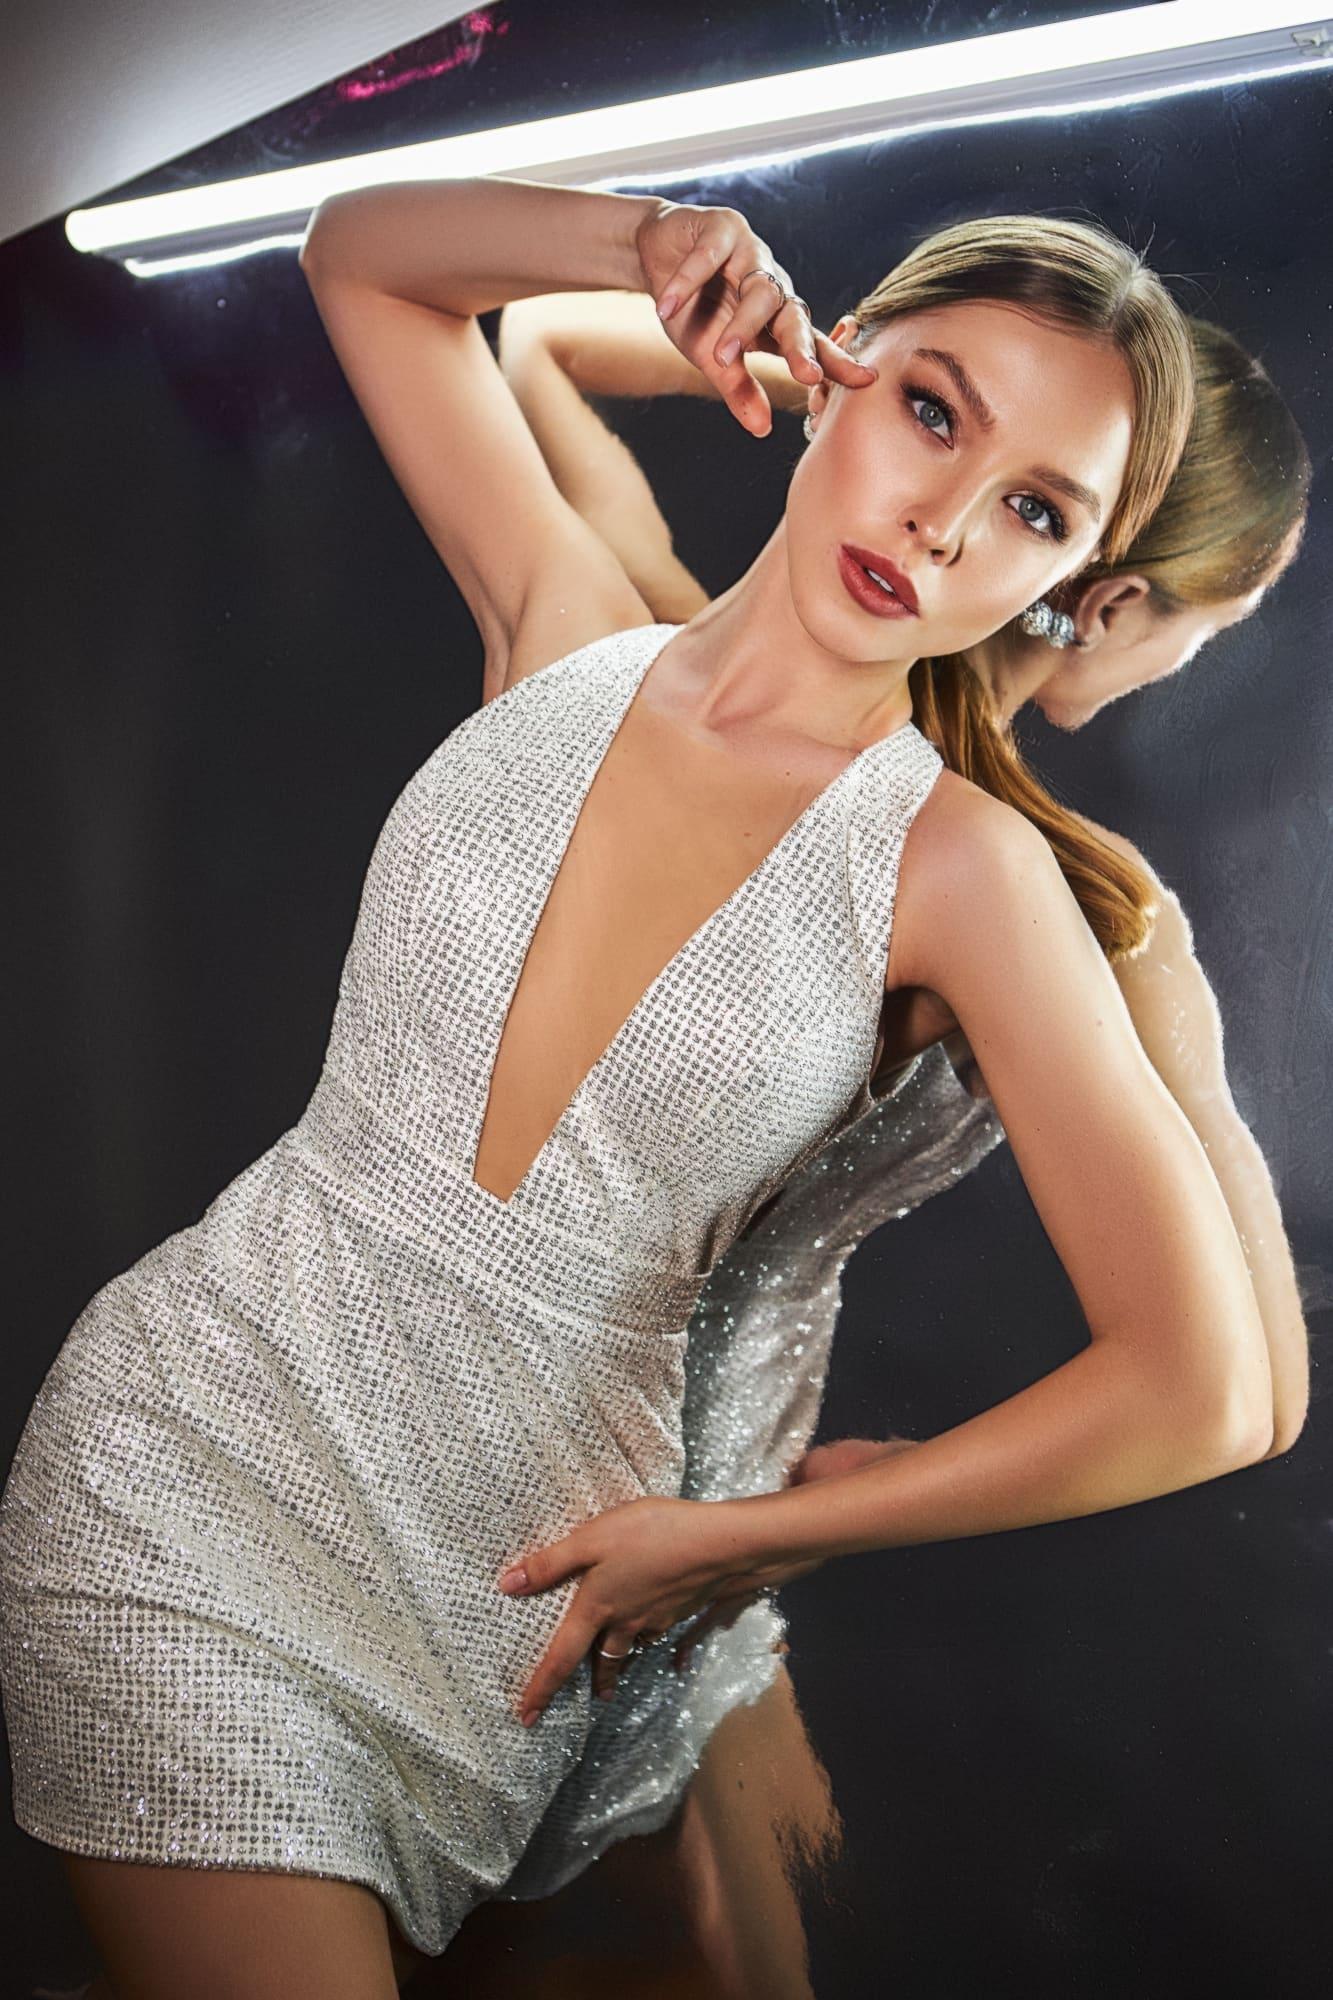 Анна кузнецова модель красивое поздравление с днем рождения девушке от коллег по работе